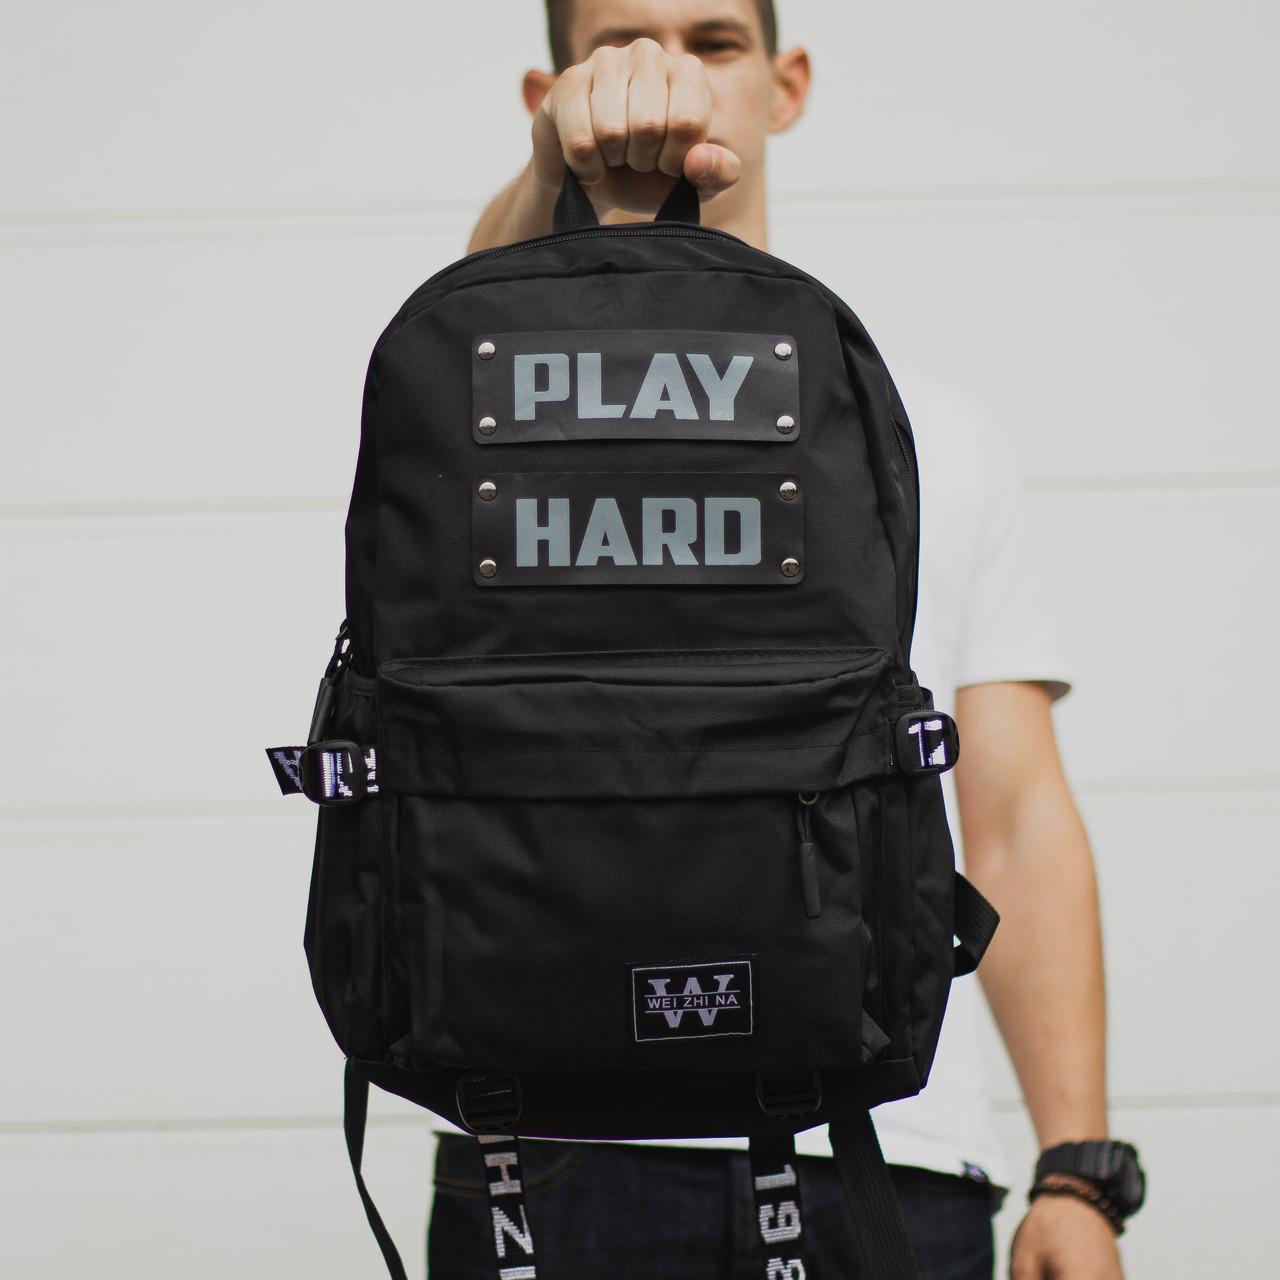 Рюкзак чорний модель Play Hard, фото 1